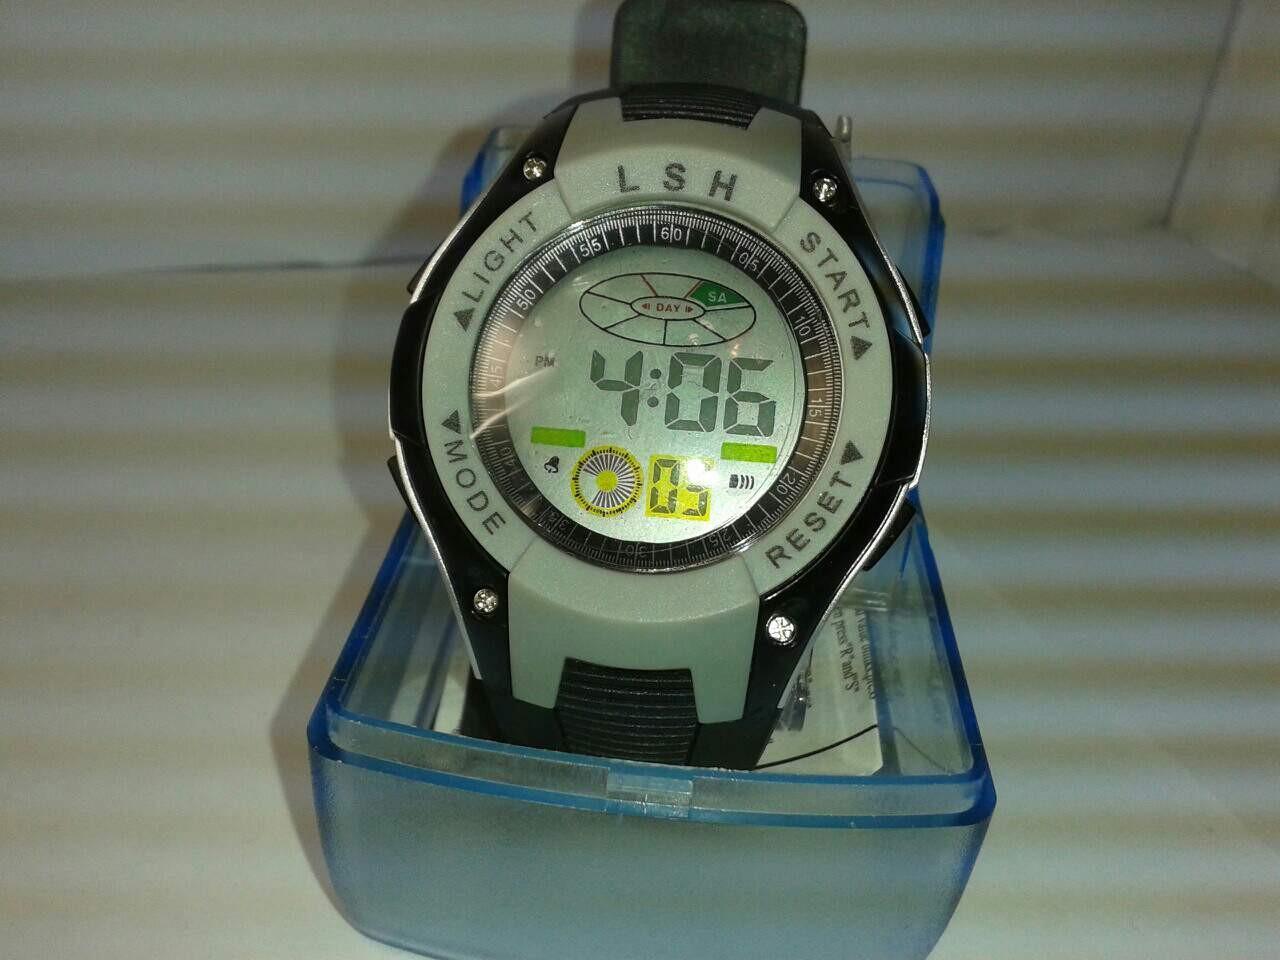 Мужские часы lsh